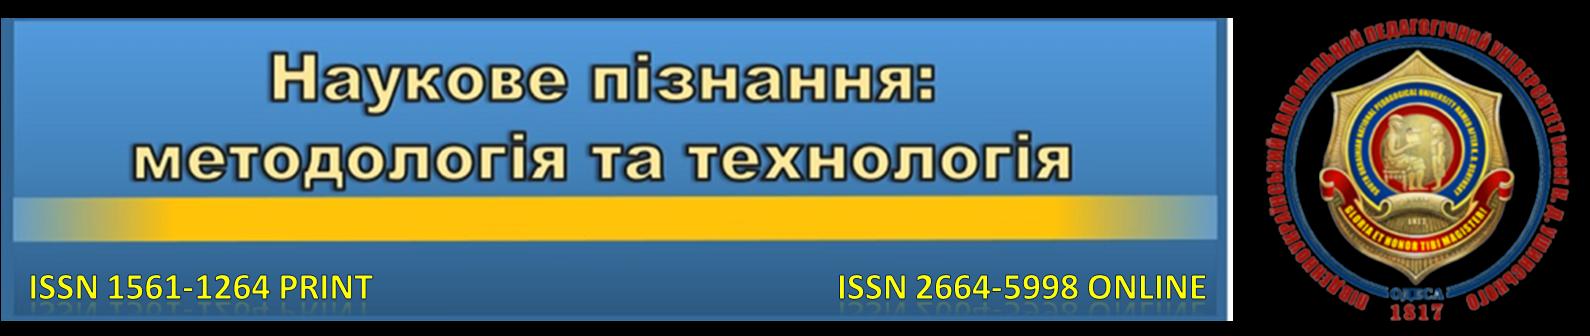 Наукове пізнання: методологія та технологія